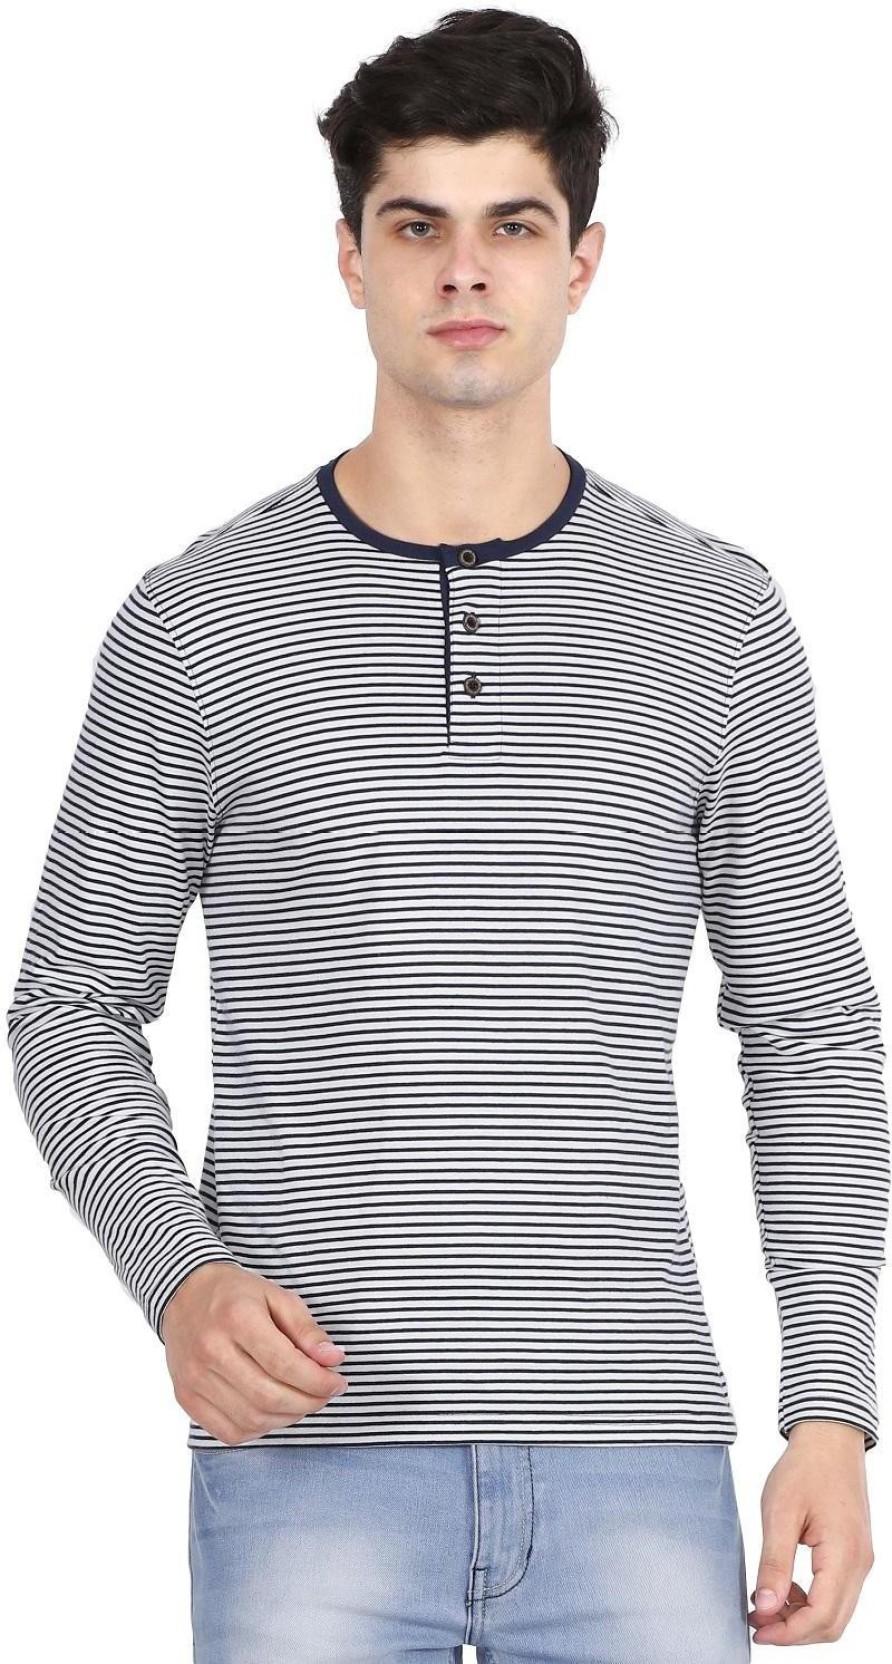 f0de0d047137 Hunt and Howe Striped Men's Henley Dark Blue, White T-Shirt - Buy ...